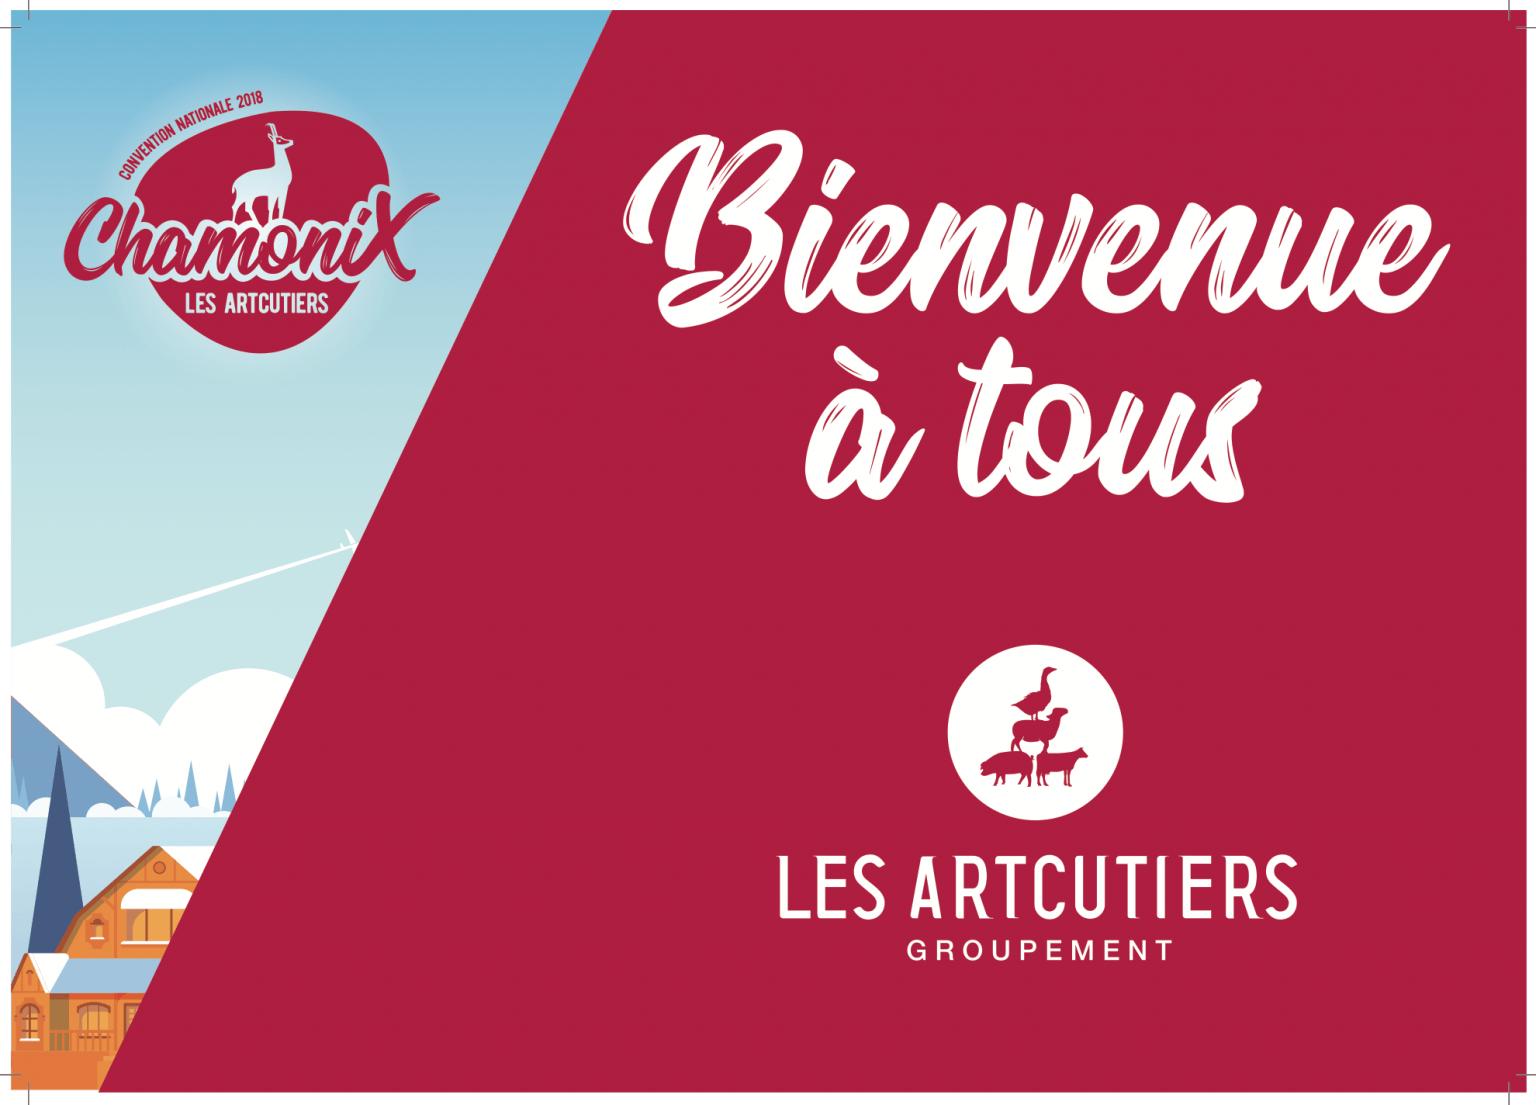 LES ARTCUTIERS 2018